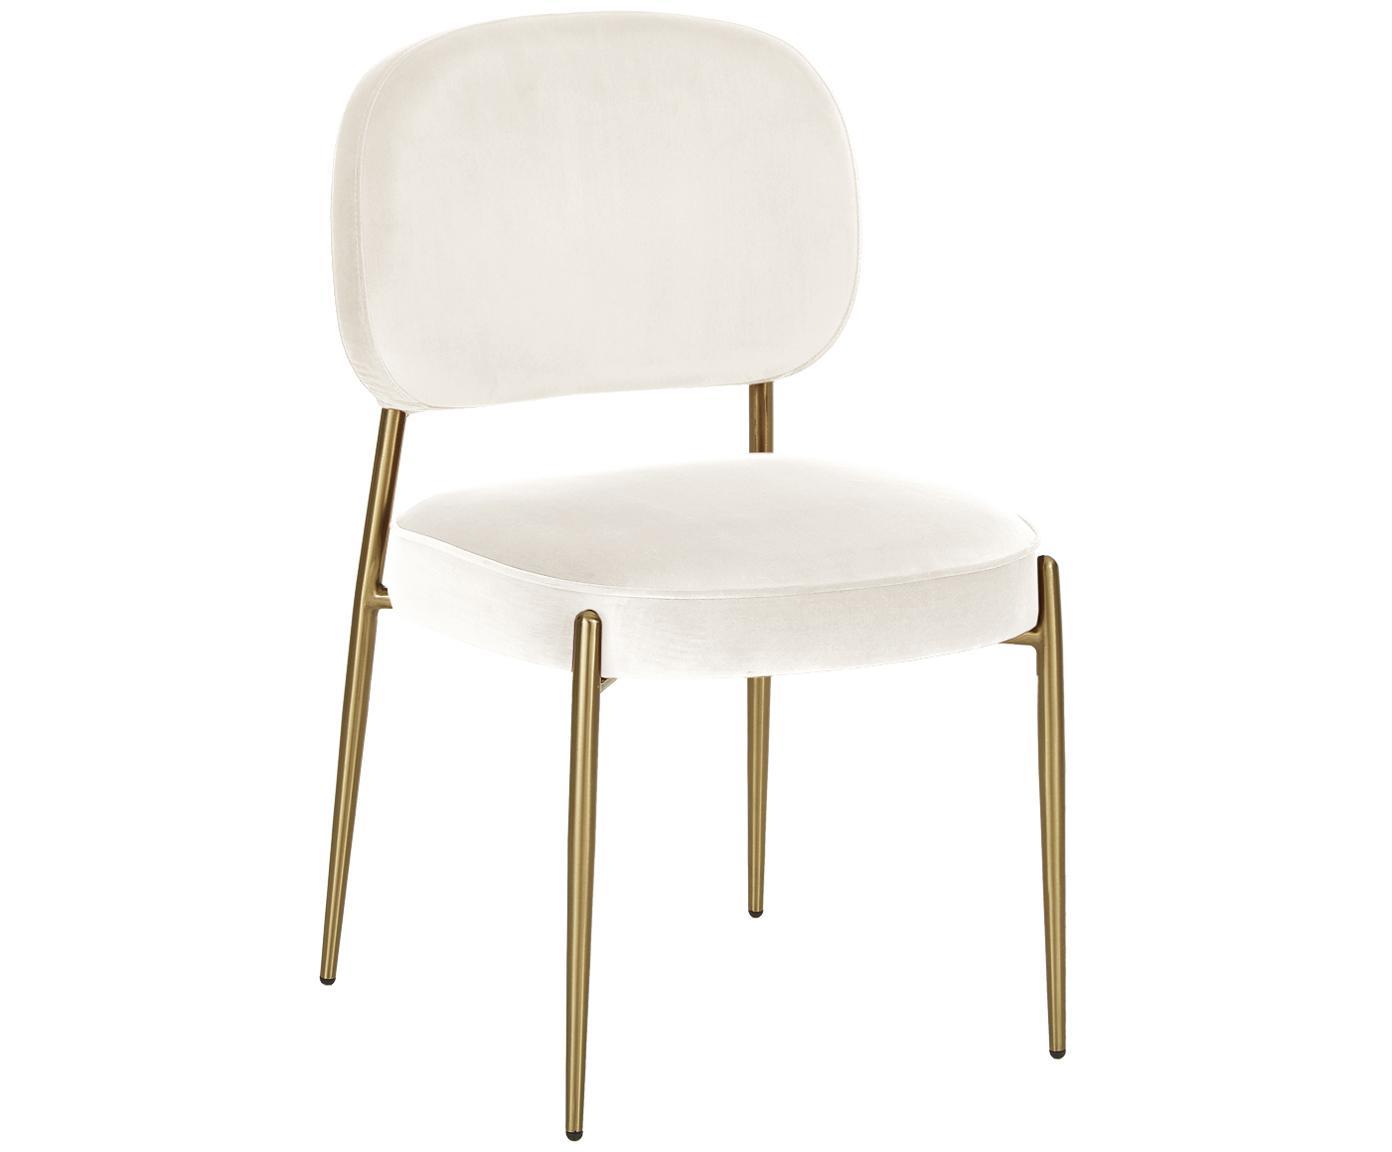 Samt-Polsterstuhl Viggo, Bezug: Samt (Polyester) 50.000 S, Samt Beige, Beine Gold, B 49 x T 66 cm